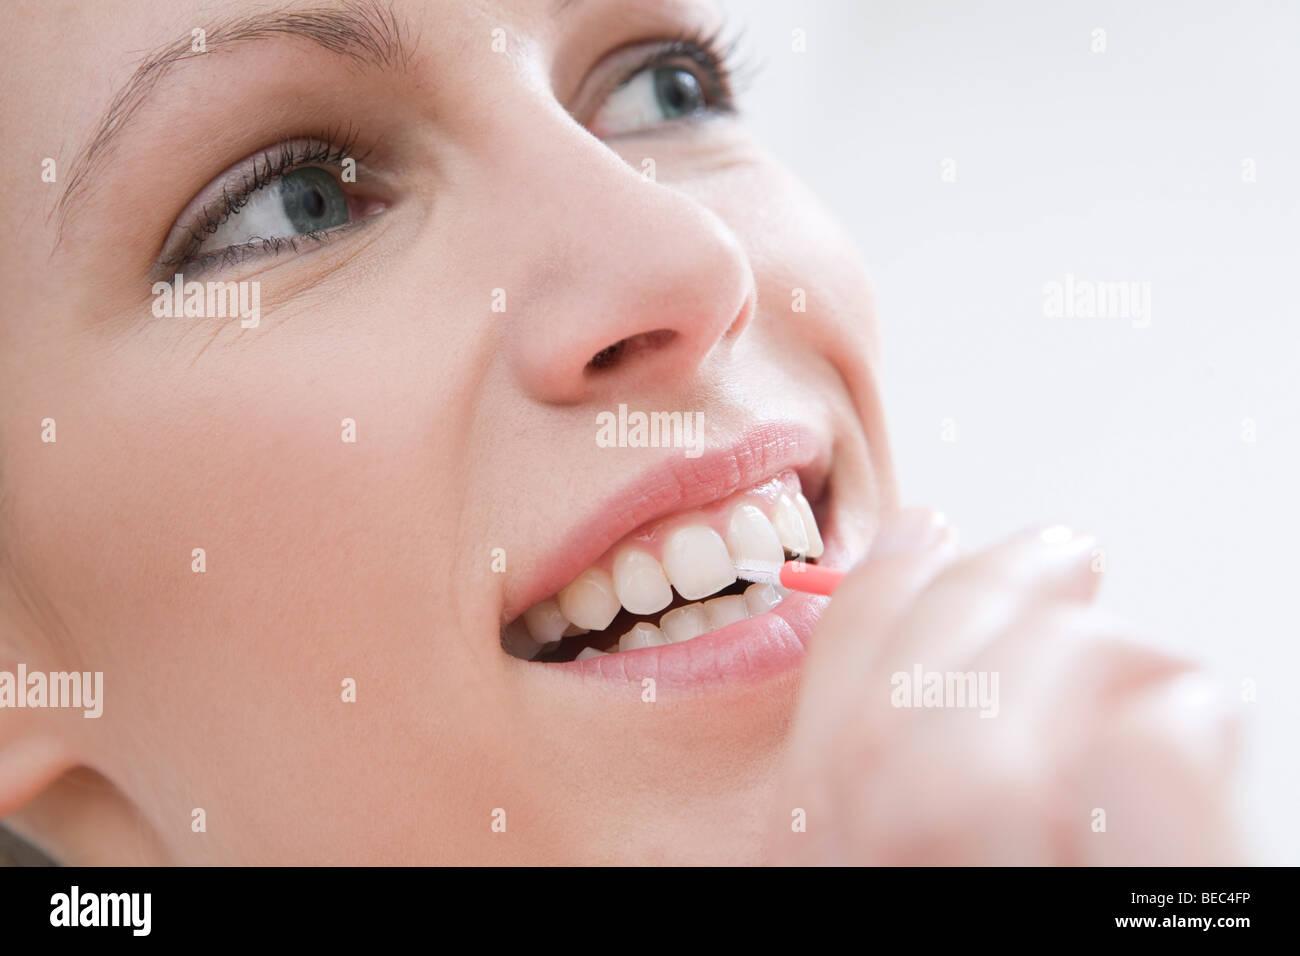 Frau Zahnreinigung mit Interdentalbürste. Stockbild